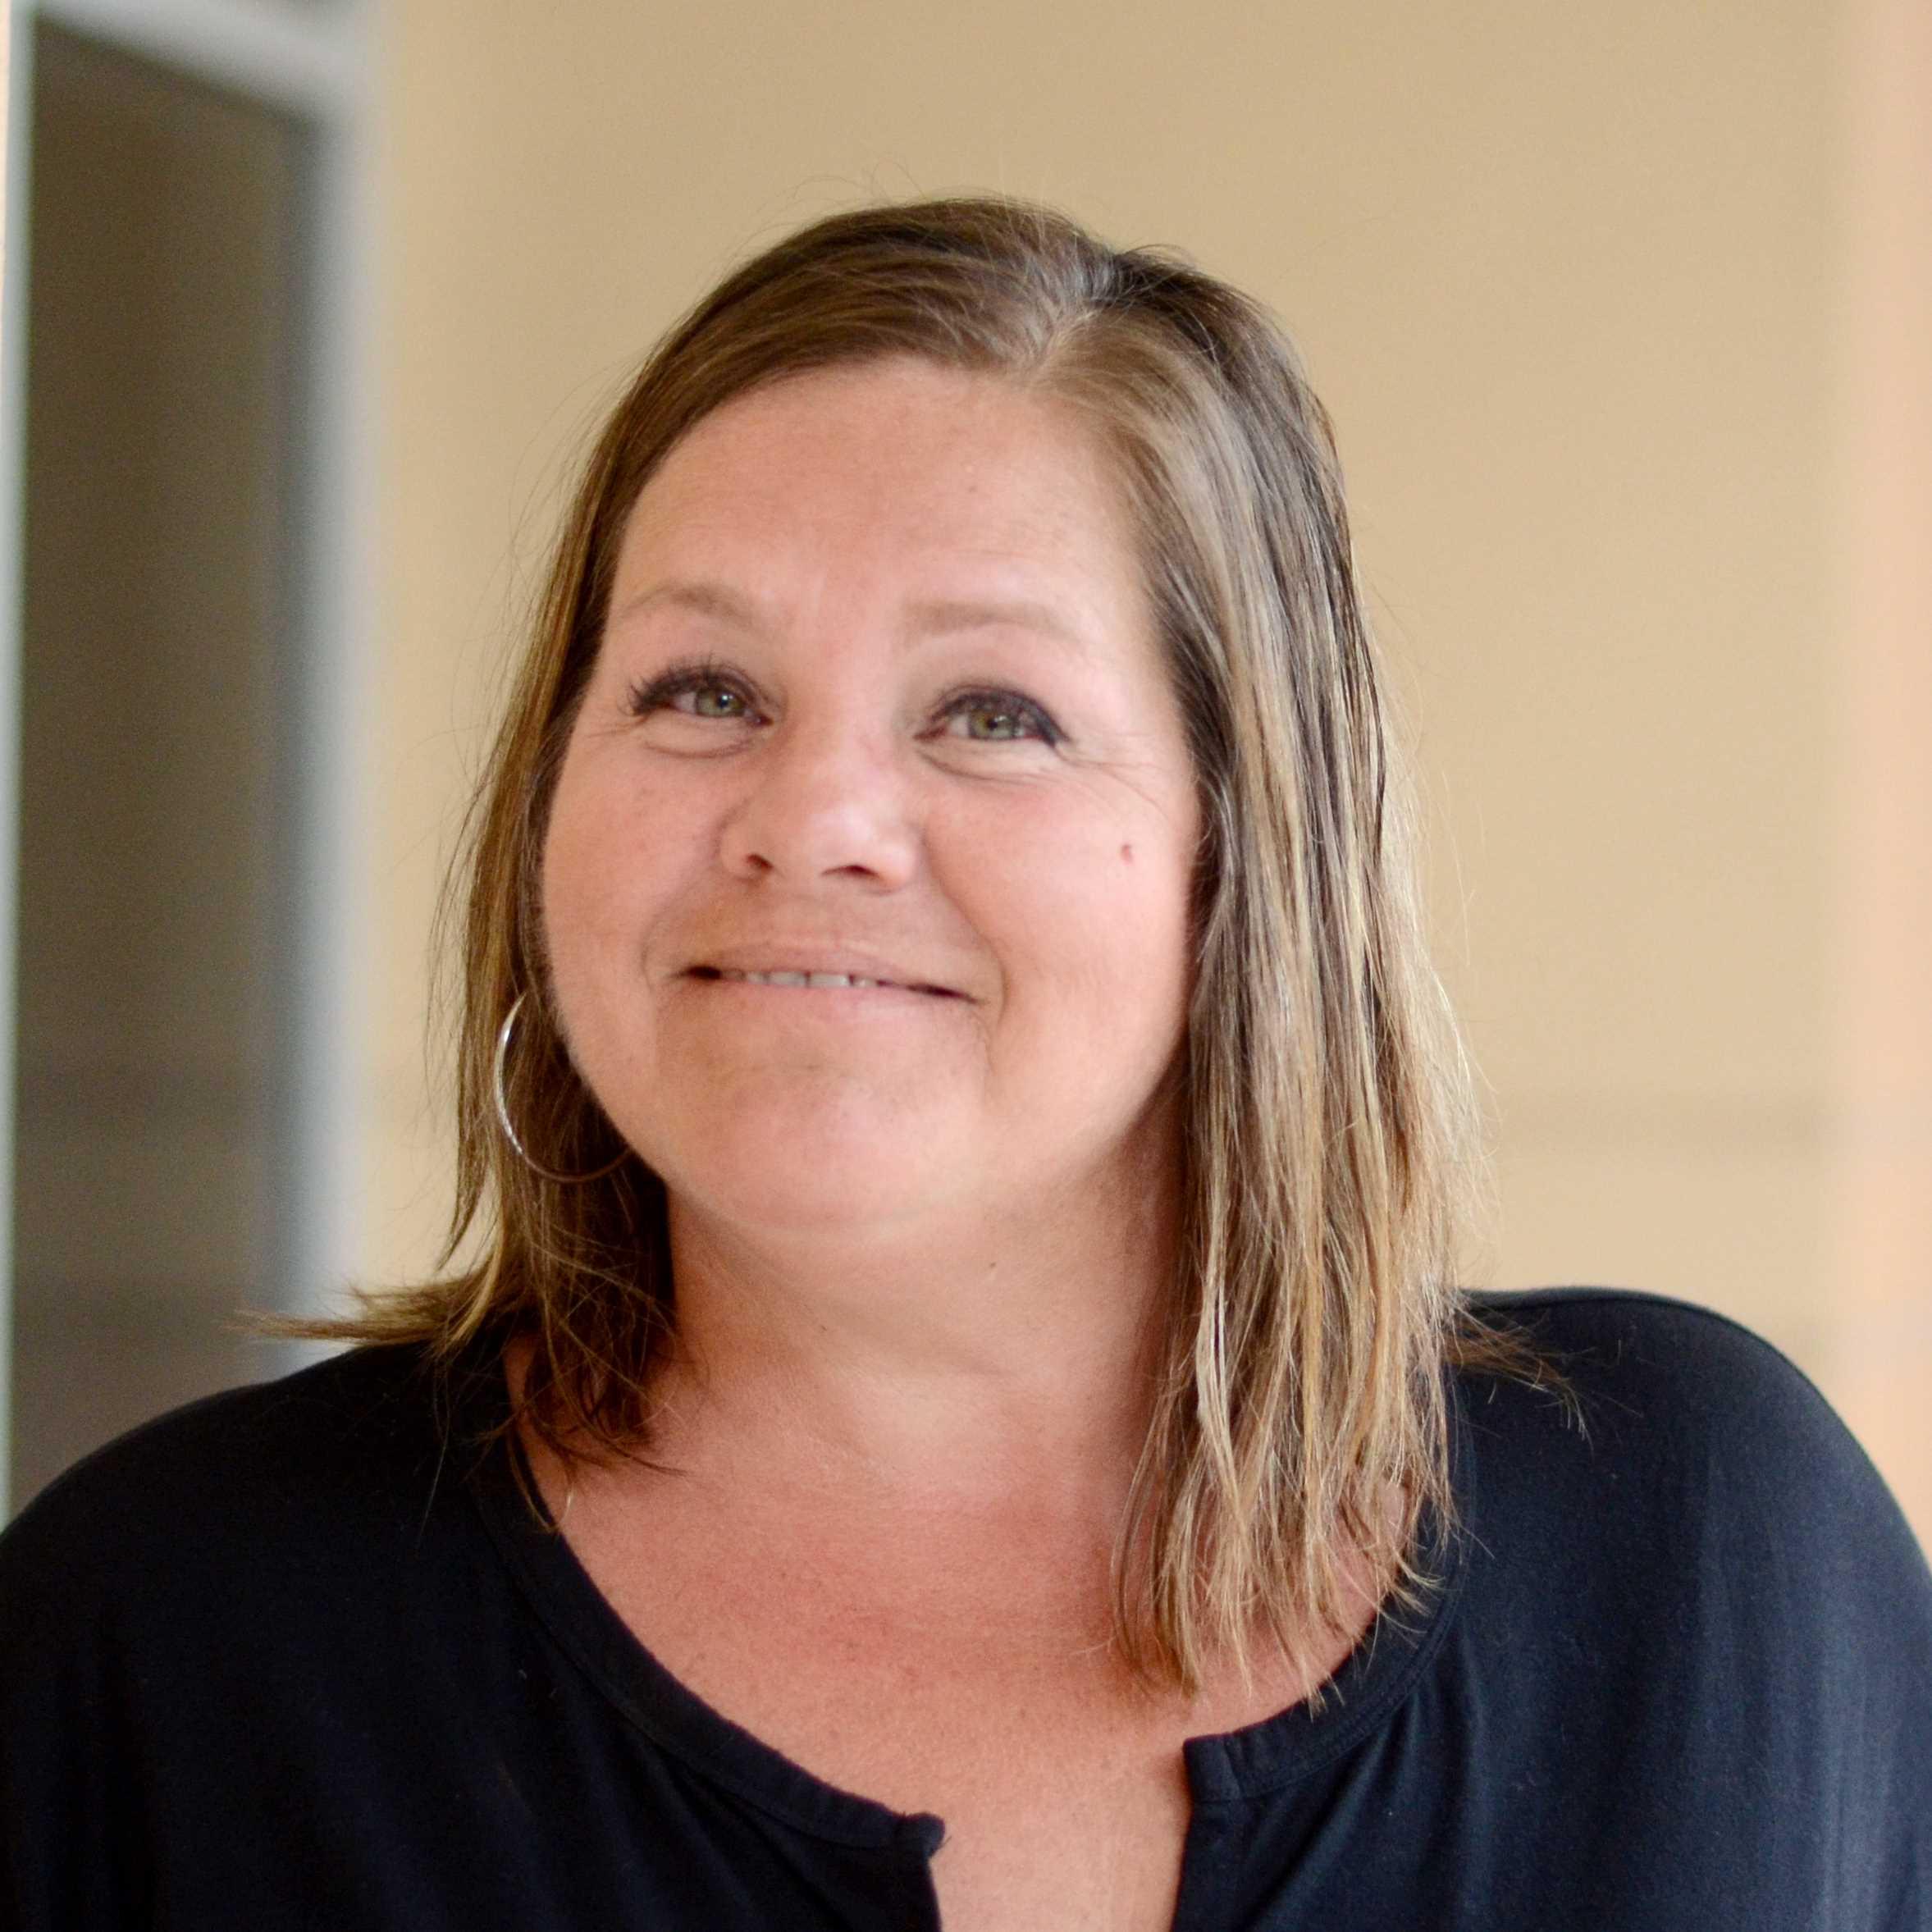 Karen Jacomet